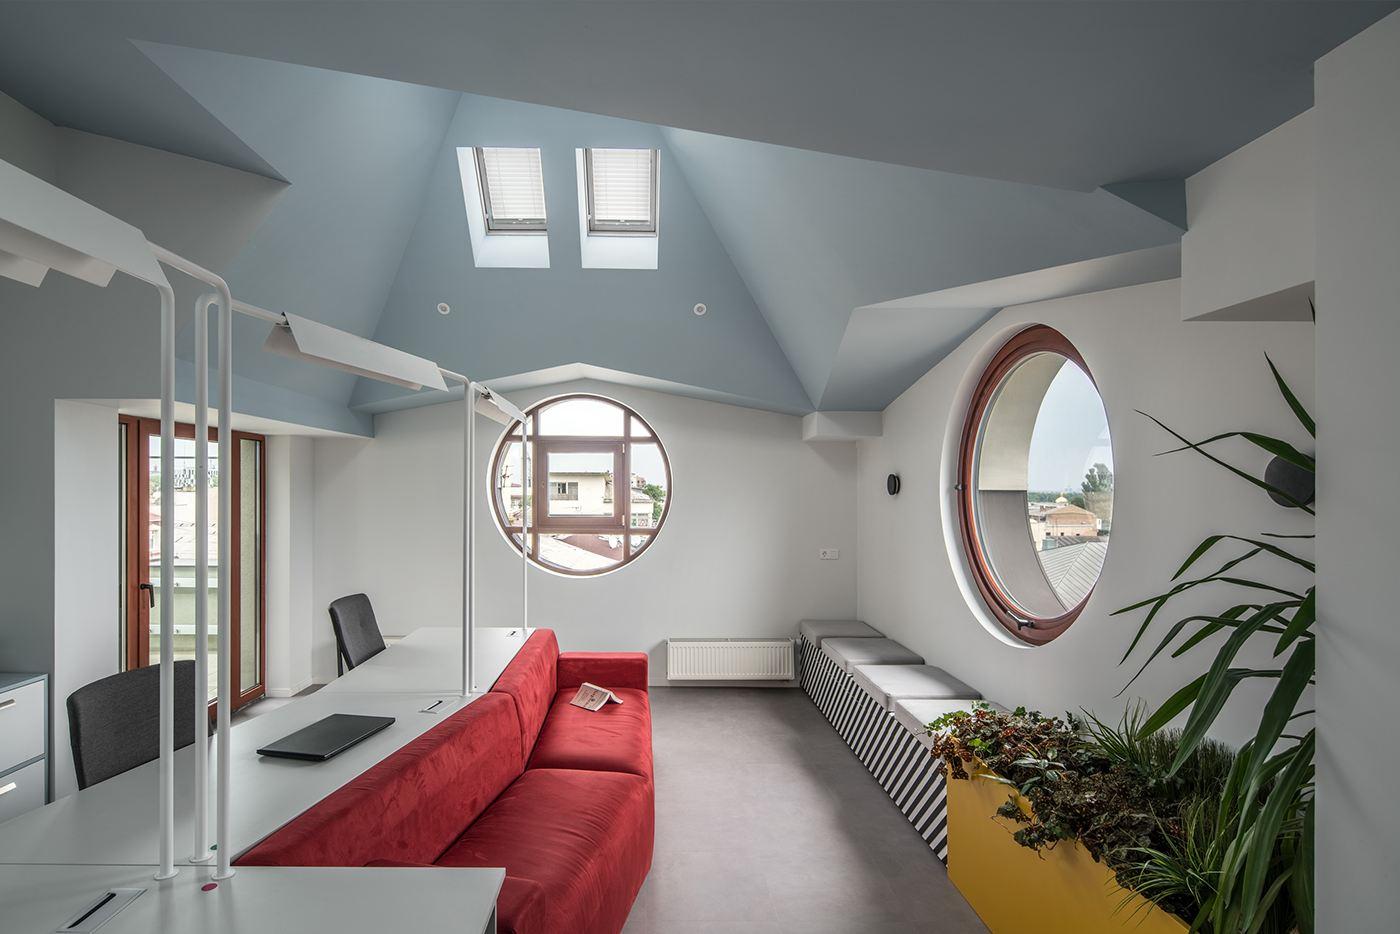 мансардная комната в офисе для релакса